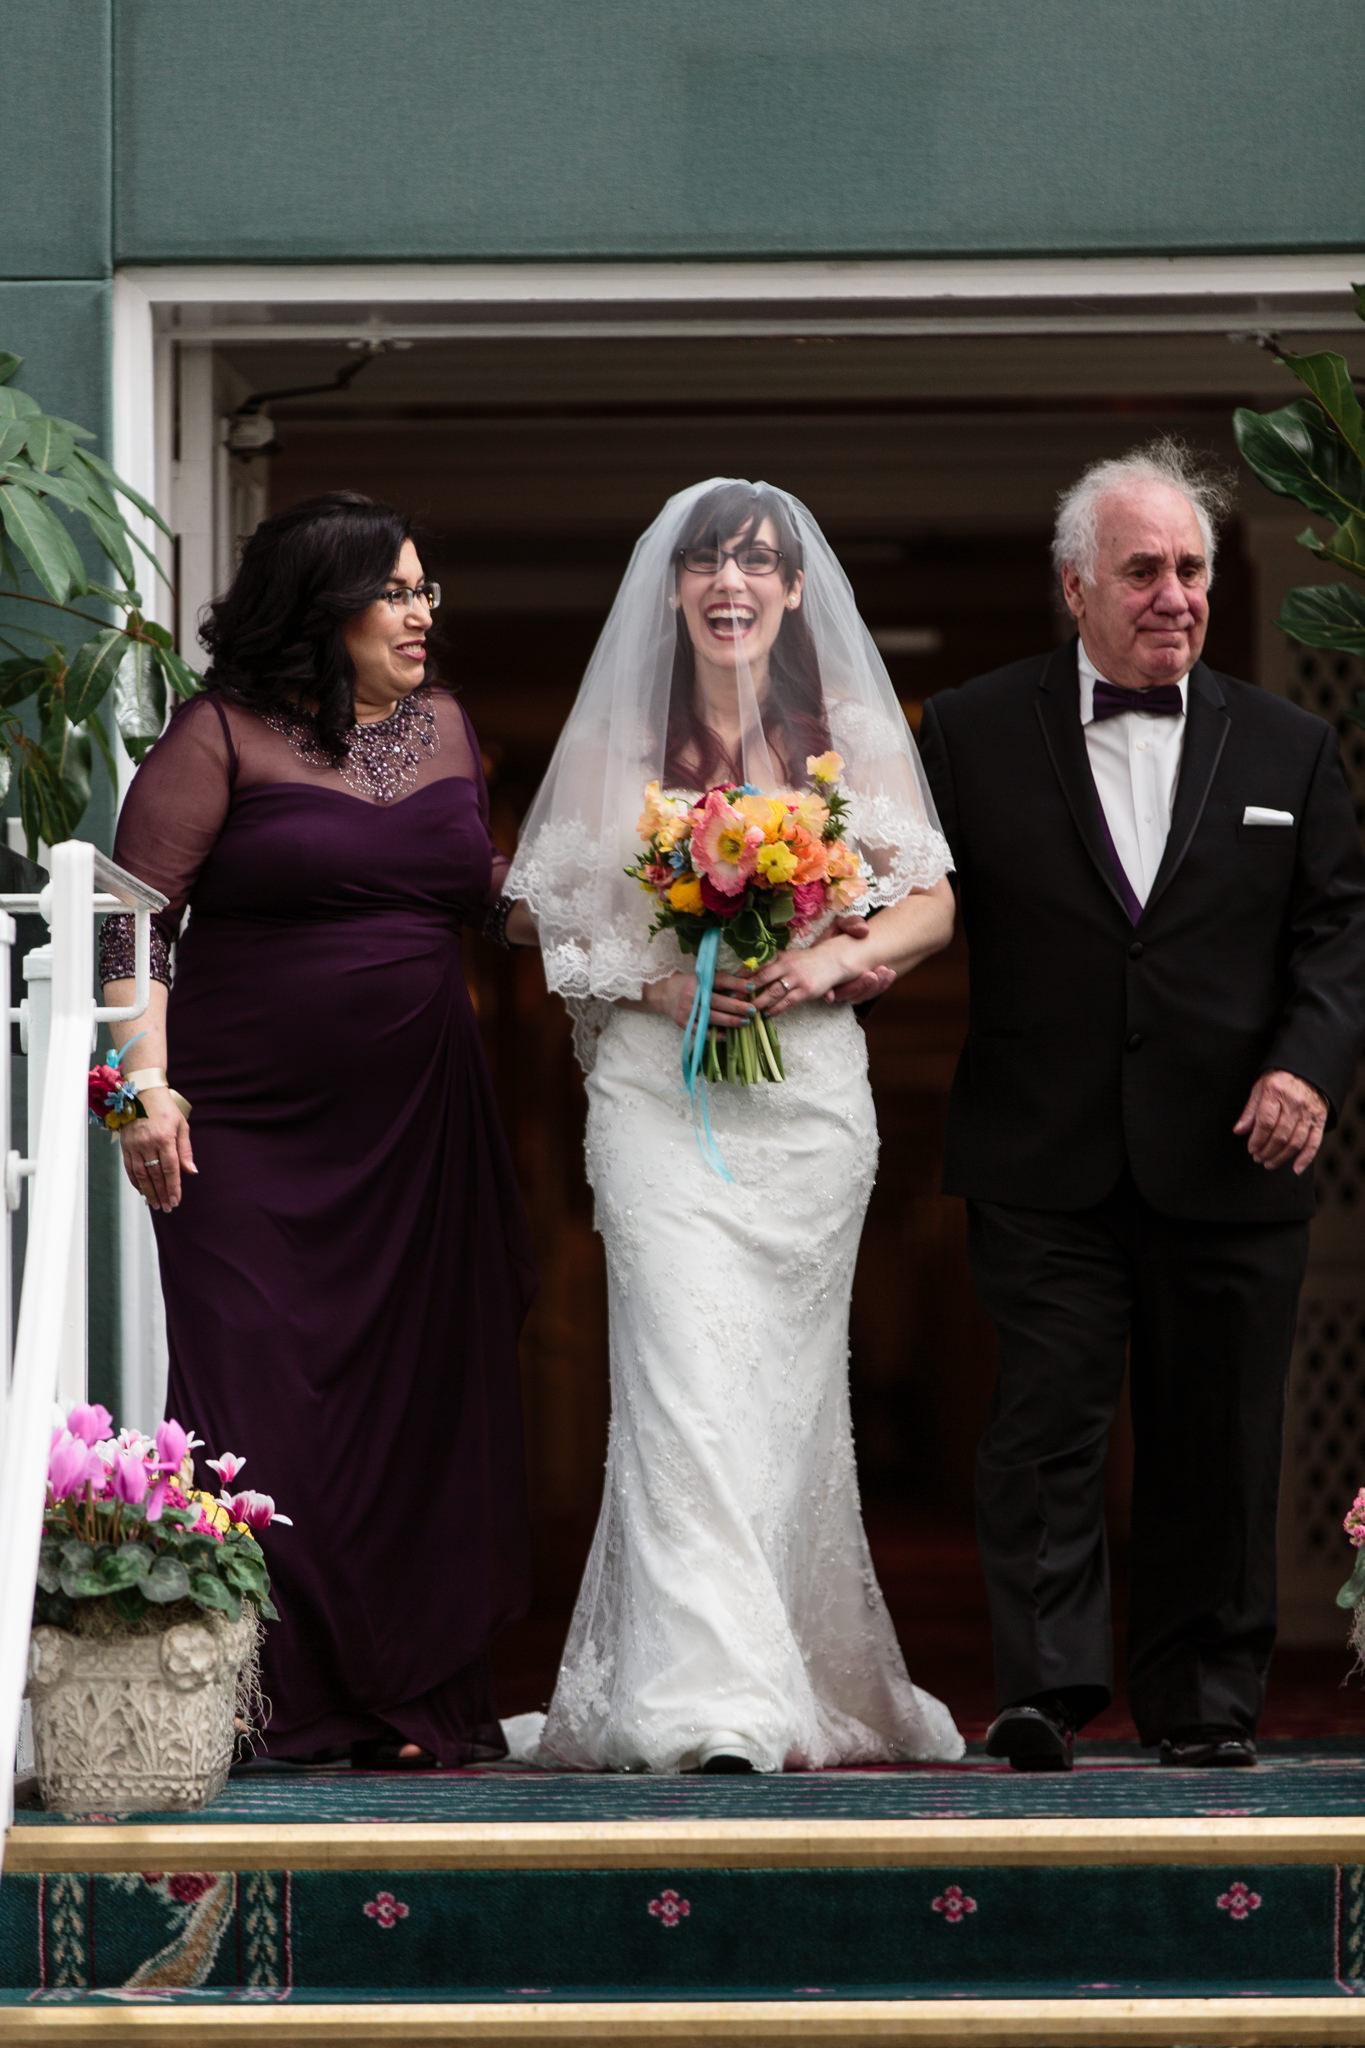 Hanchar_Madison_Hotel_NJ_Wedding_GDM_7604.jpg